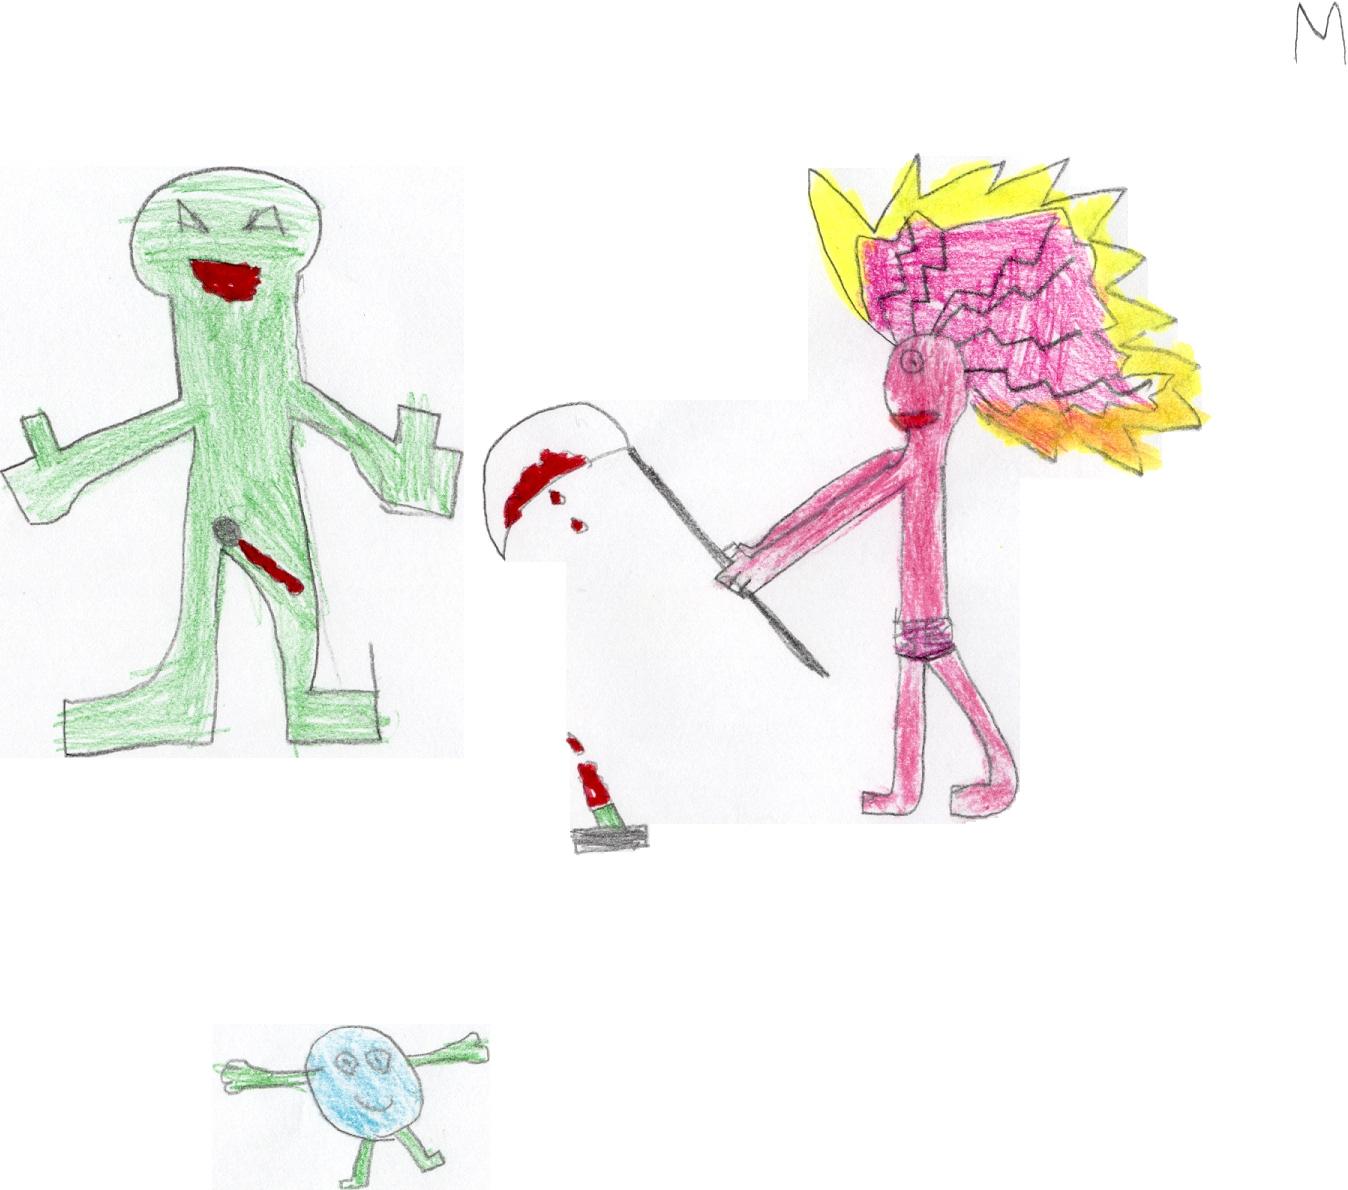 Alunno di IV: Tempo con i capelli e tutto il corpo           infiammato di ira feroce, evirato il padre, verde e primitivo